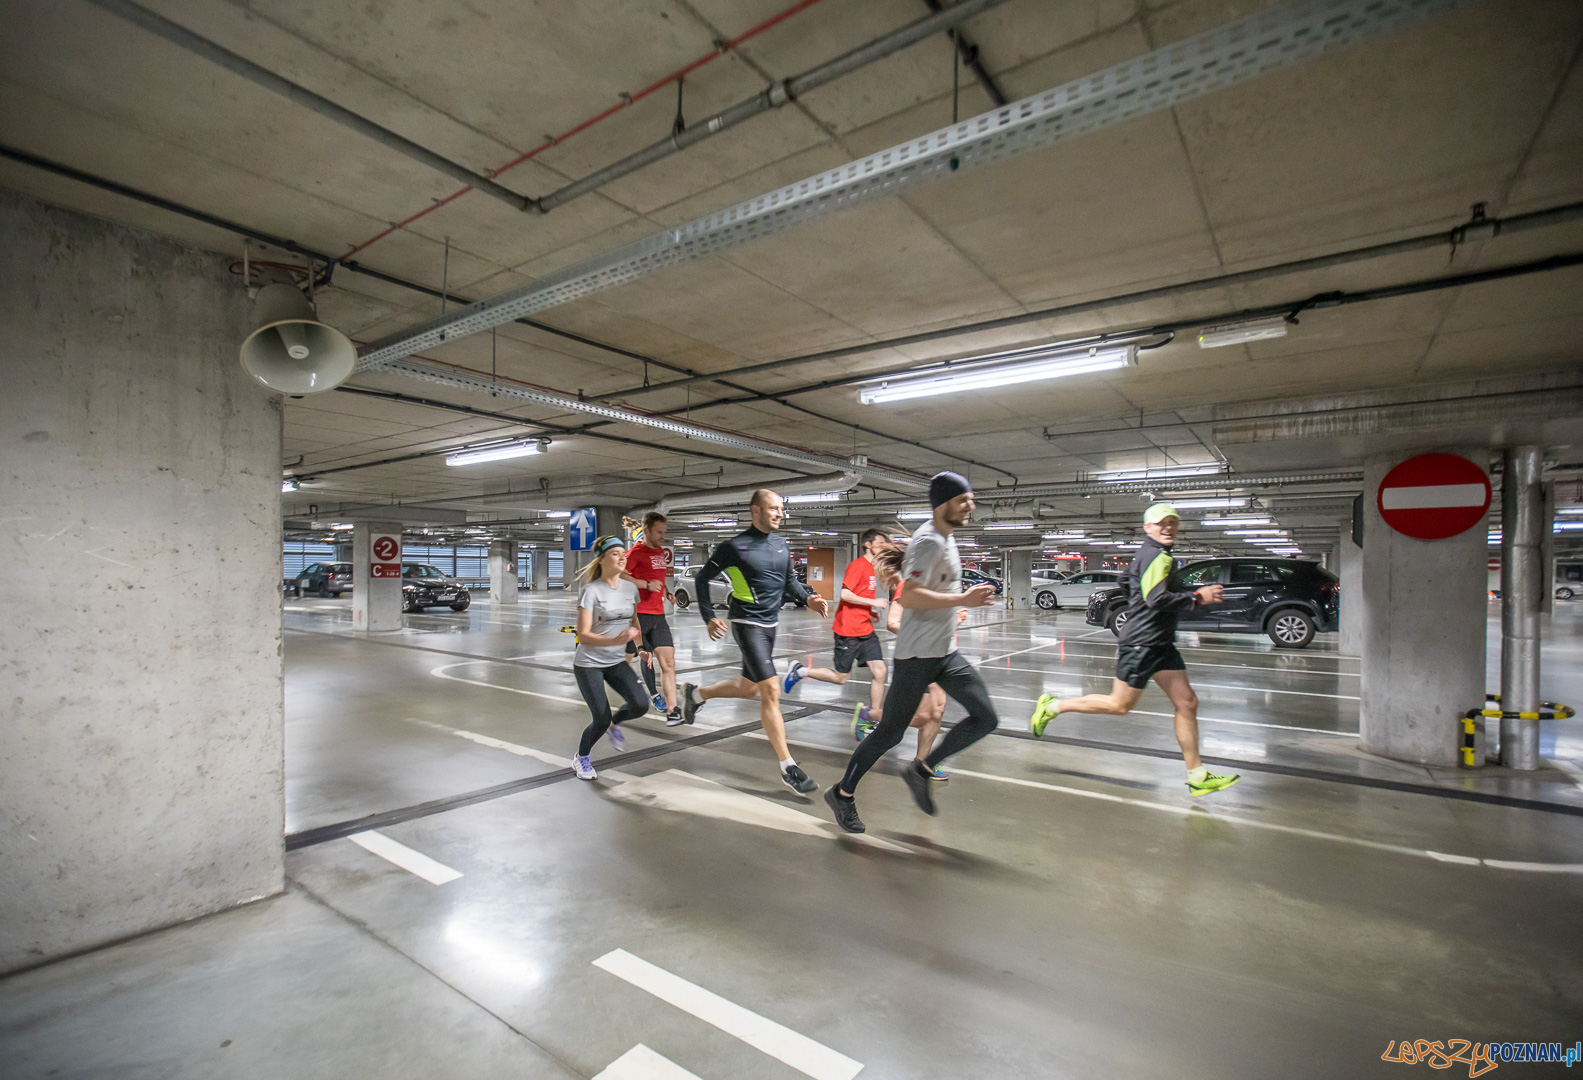 Miejska Mila - bieganie w Starym Browarze  Foto: Jakub Wittchen / materiały prasowe